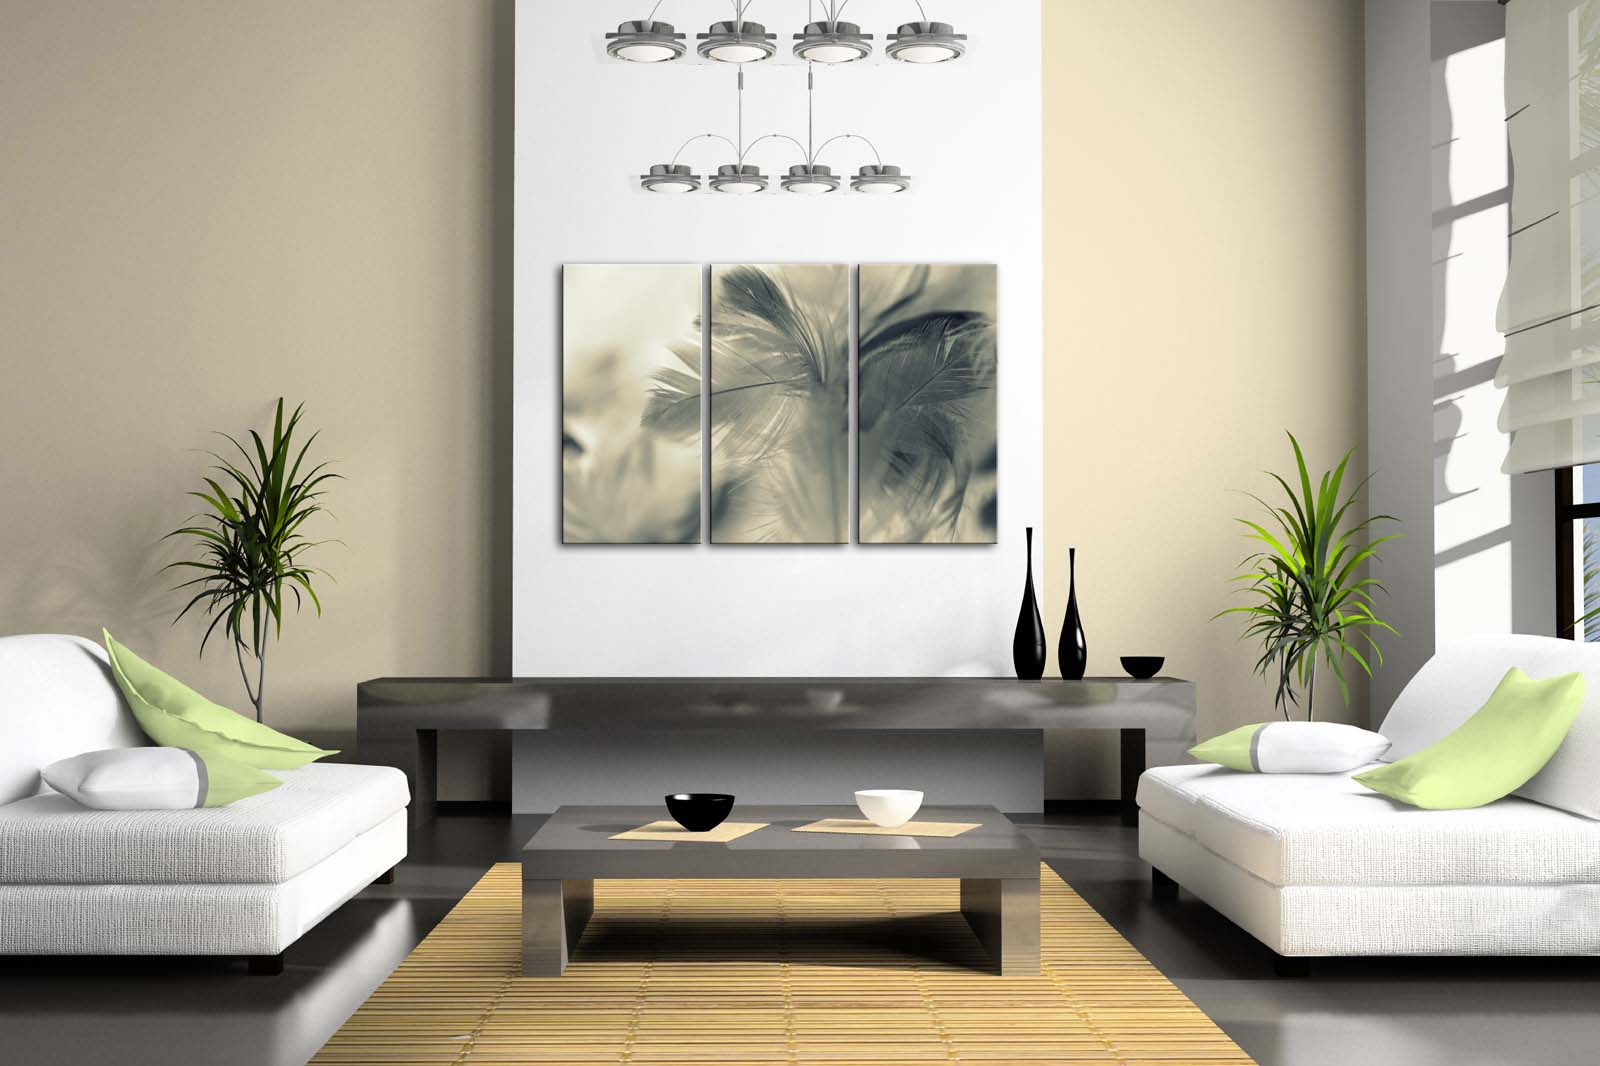 Encadrée mur Art photos gris plume toile impression Art moderne affiche avec cadre en bois pour salon maison bureau décor - 2